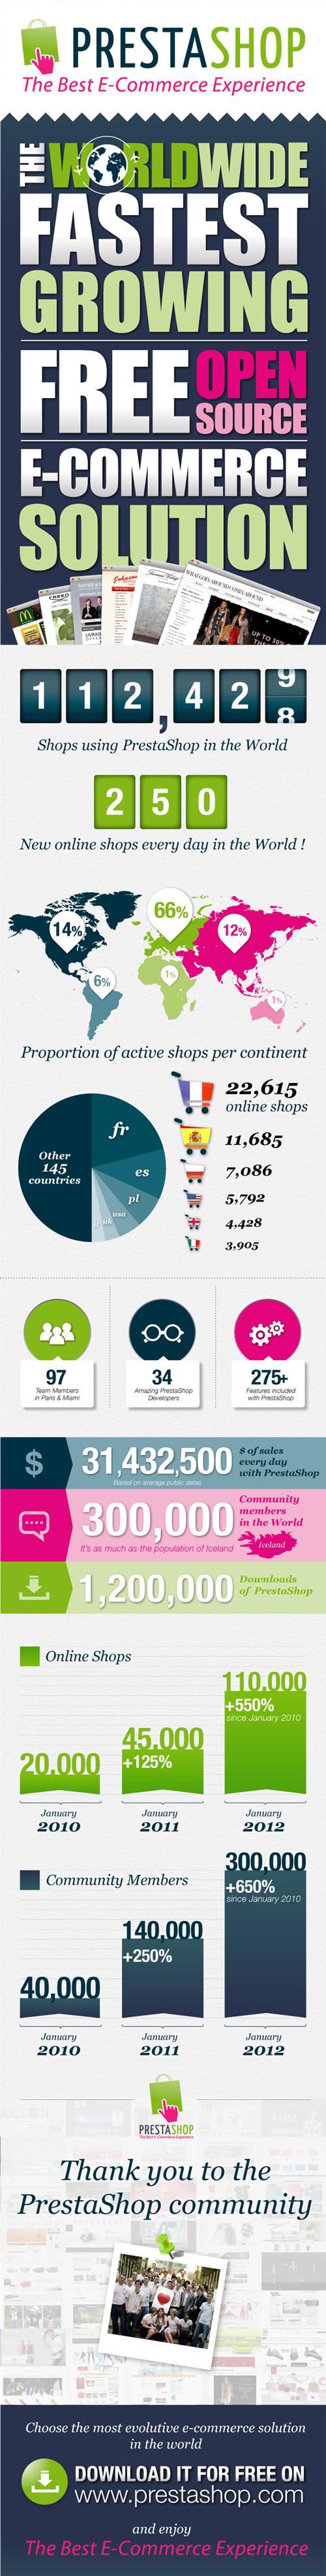 PrestaShop : Infographie du CMS e-commerce en 2012